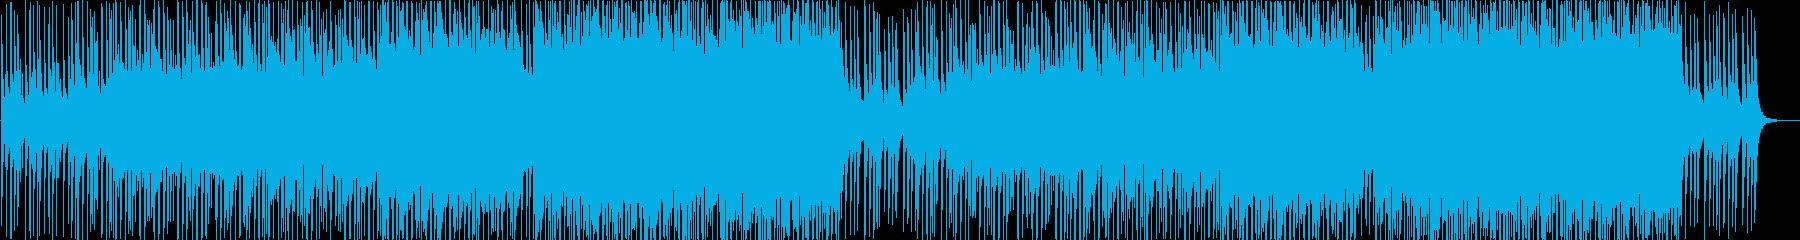 夏に合う爽やかで明るい疾走感EDMの再生済みの波形